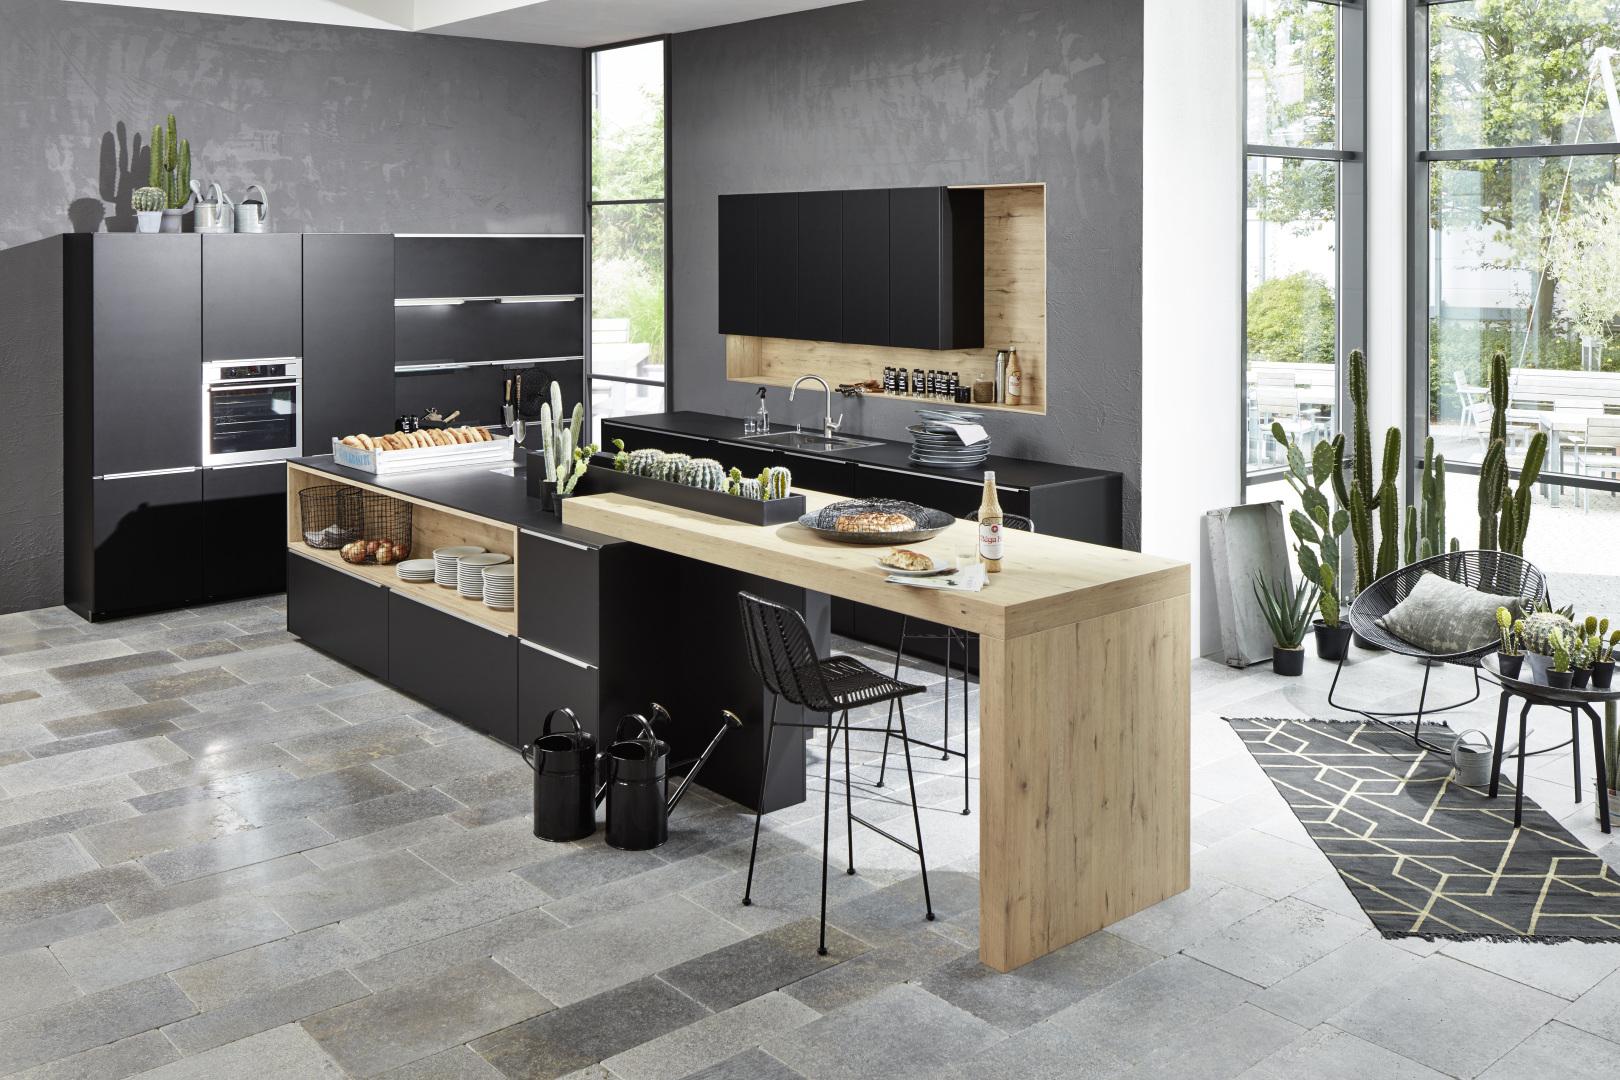 k chen l hne. Black Bedroom Furniture Sets. Home Design Ideas